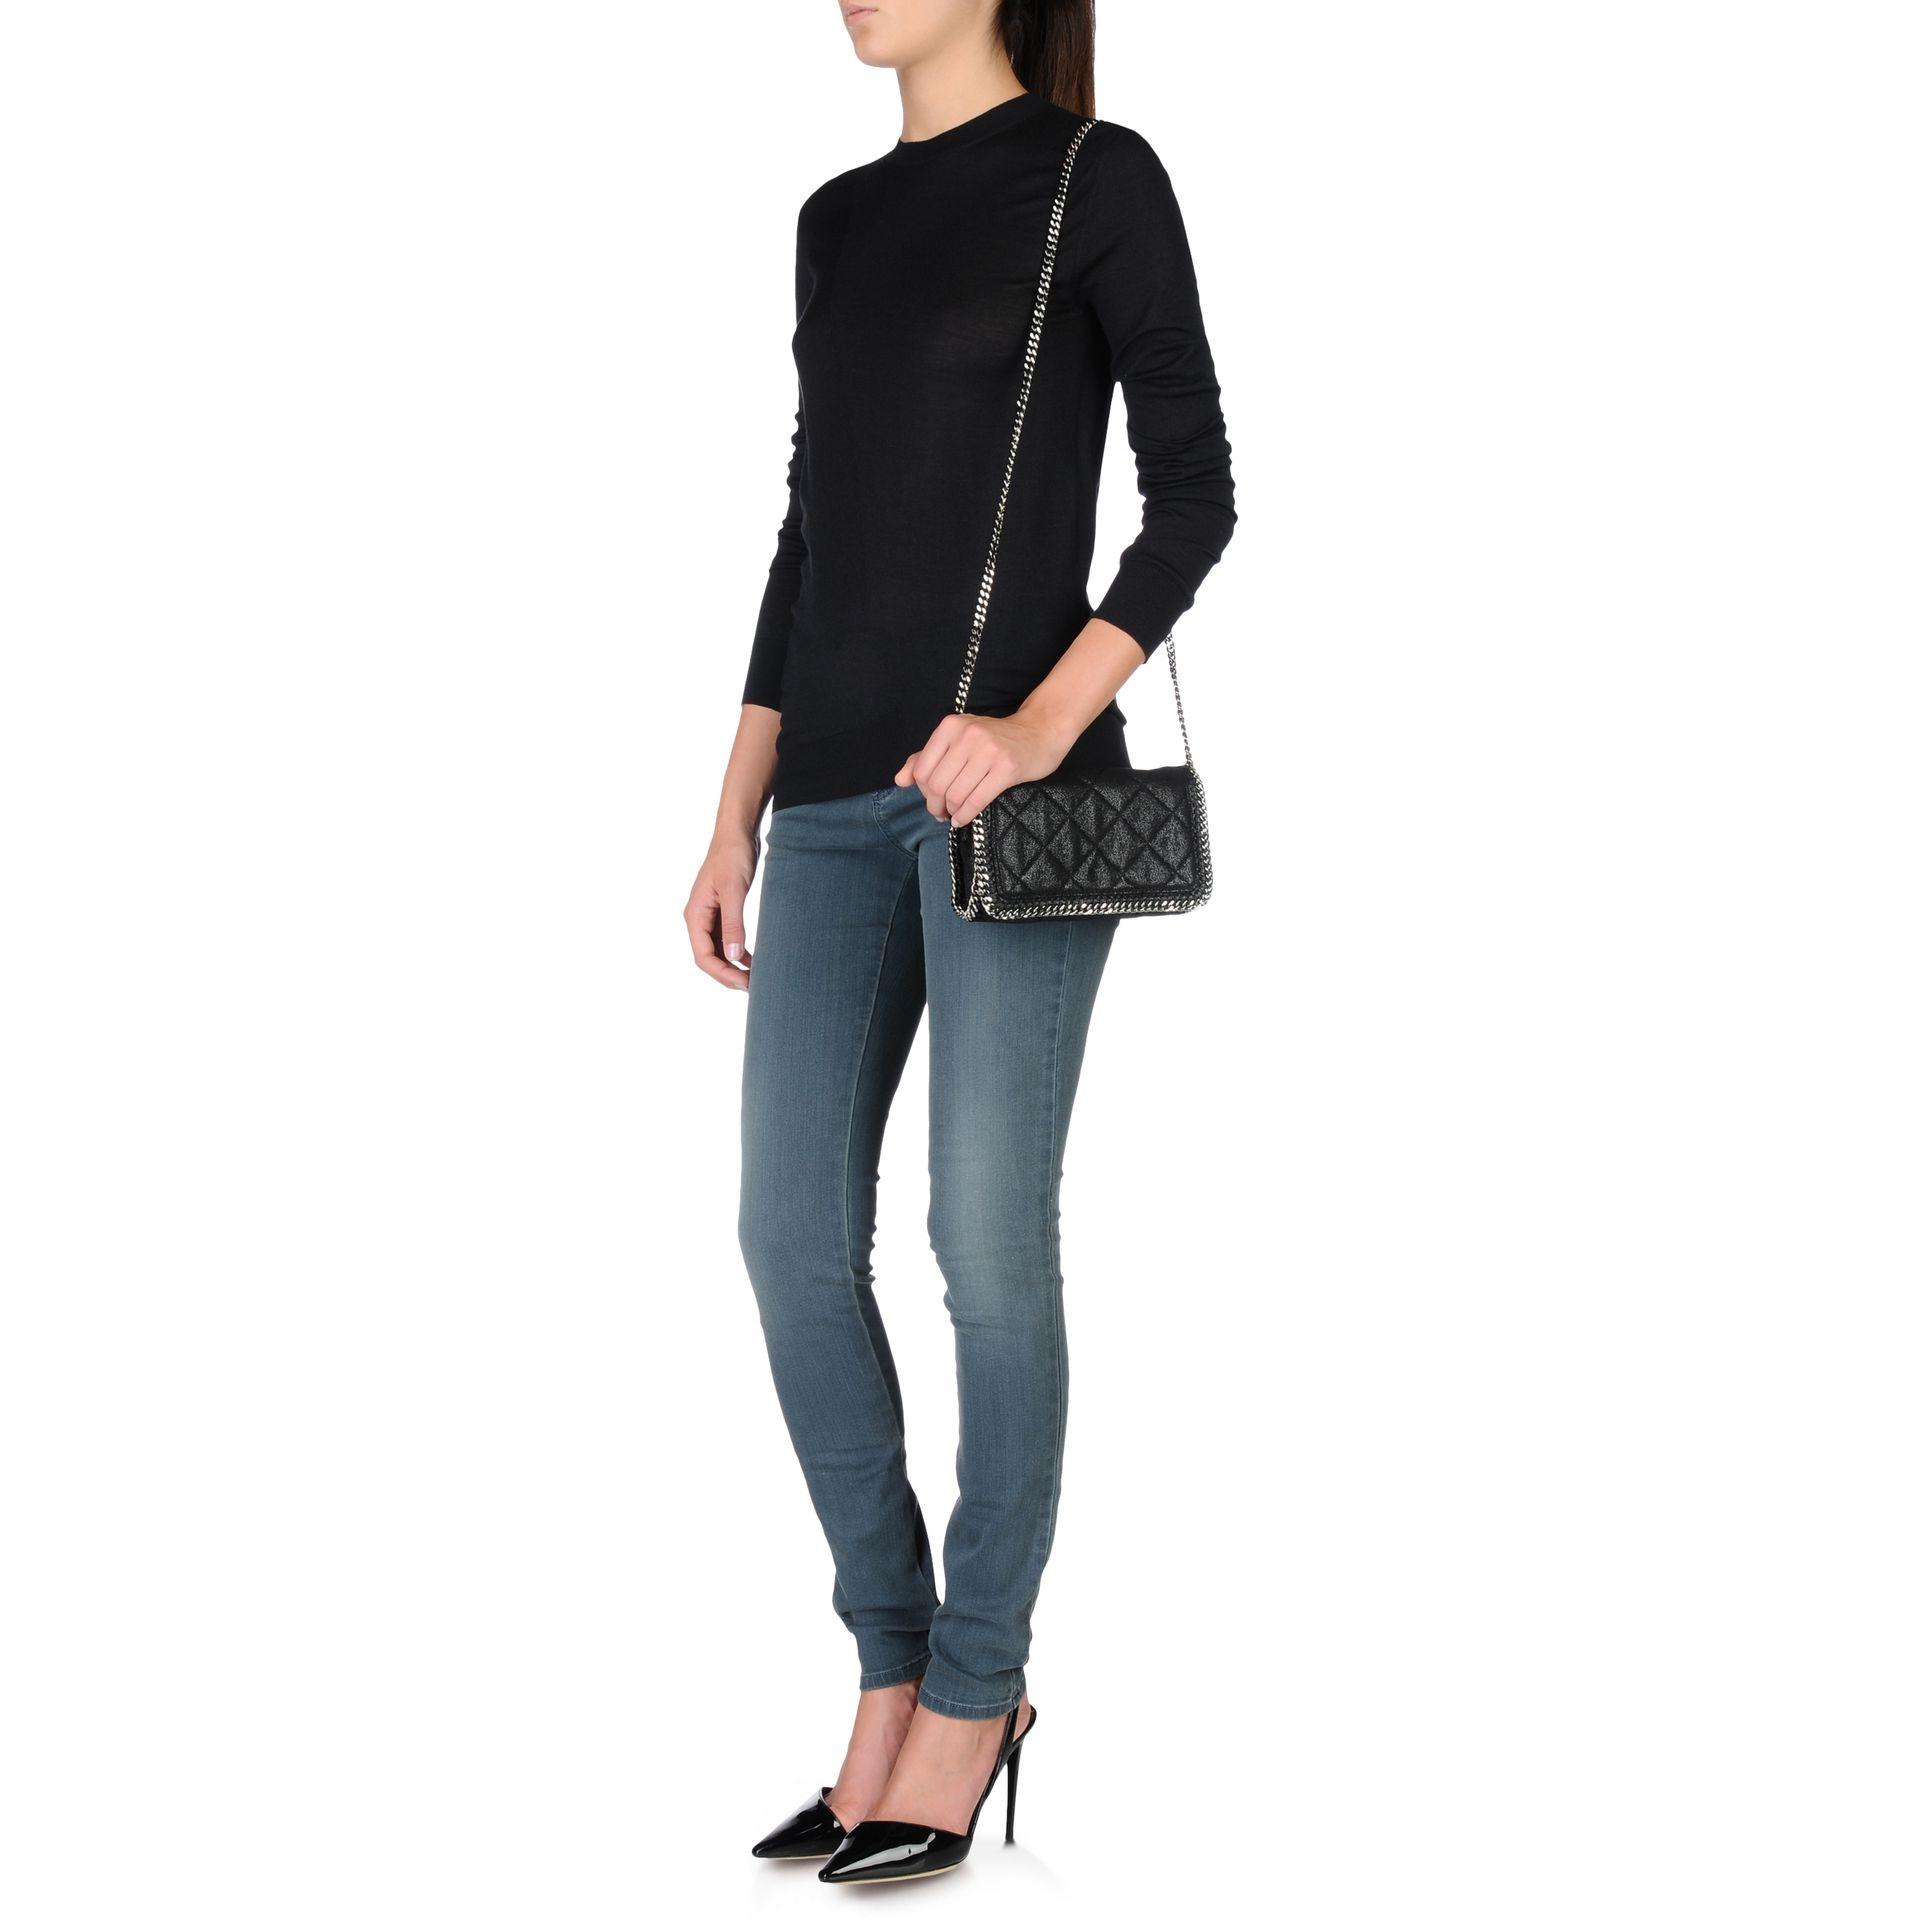 Stella McCartney Falabella Quilted Cross Body Bag in Black - Lyst 7f6eab2ac5306